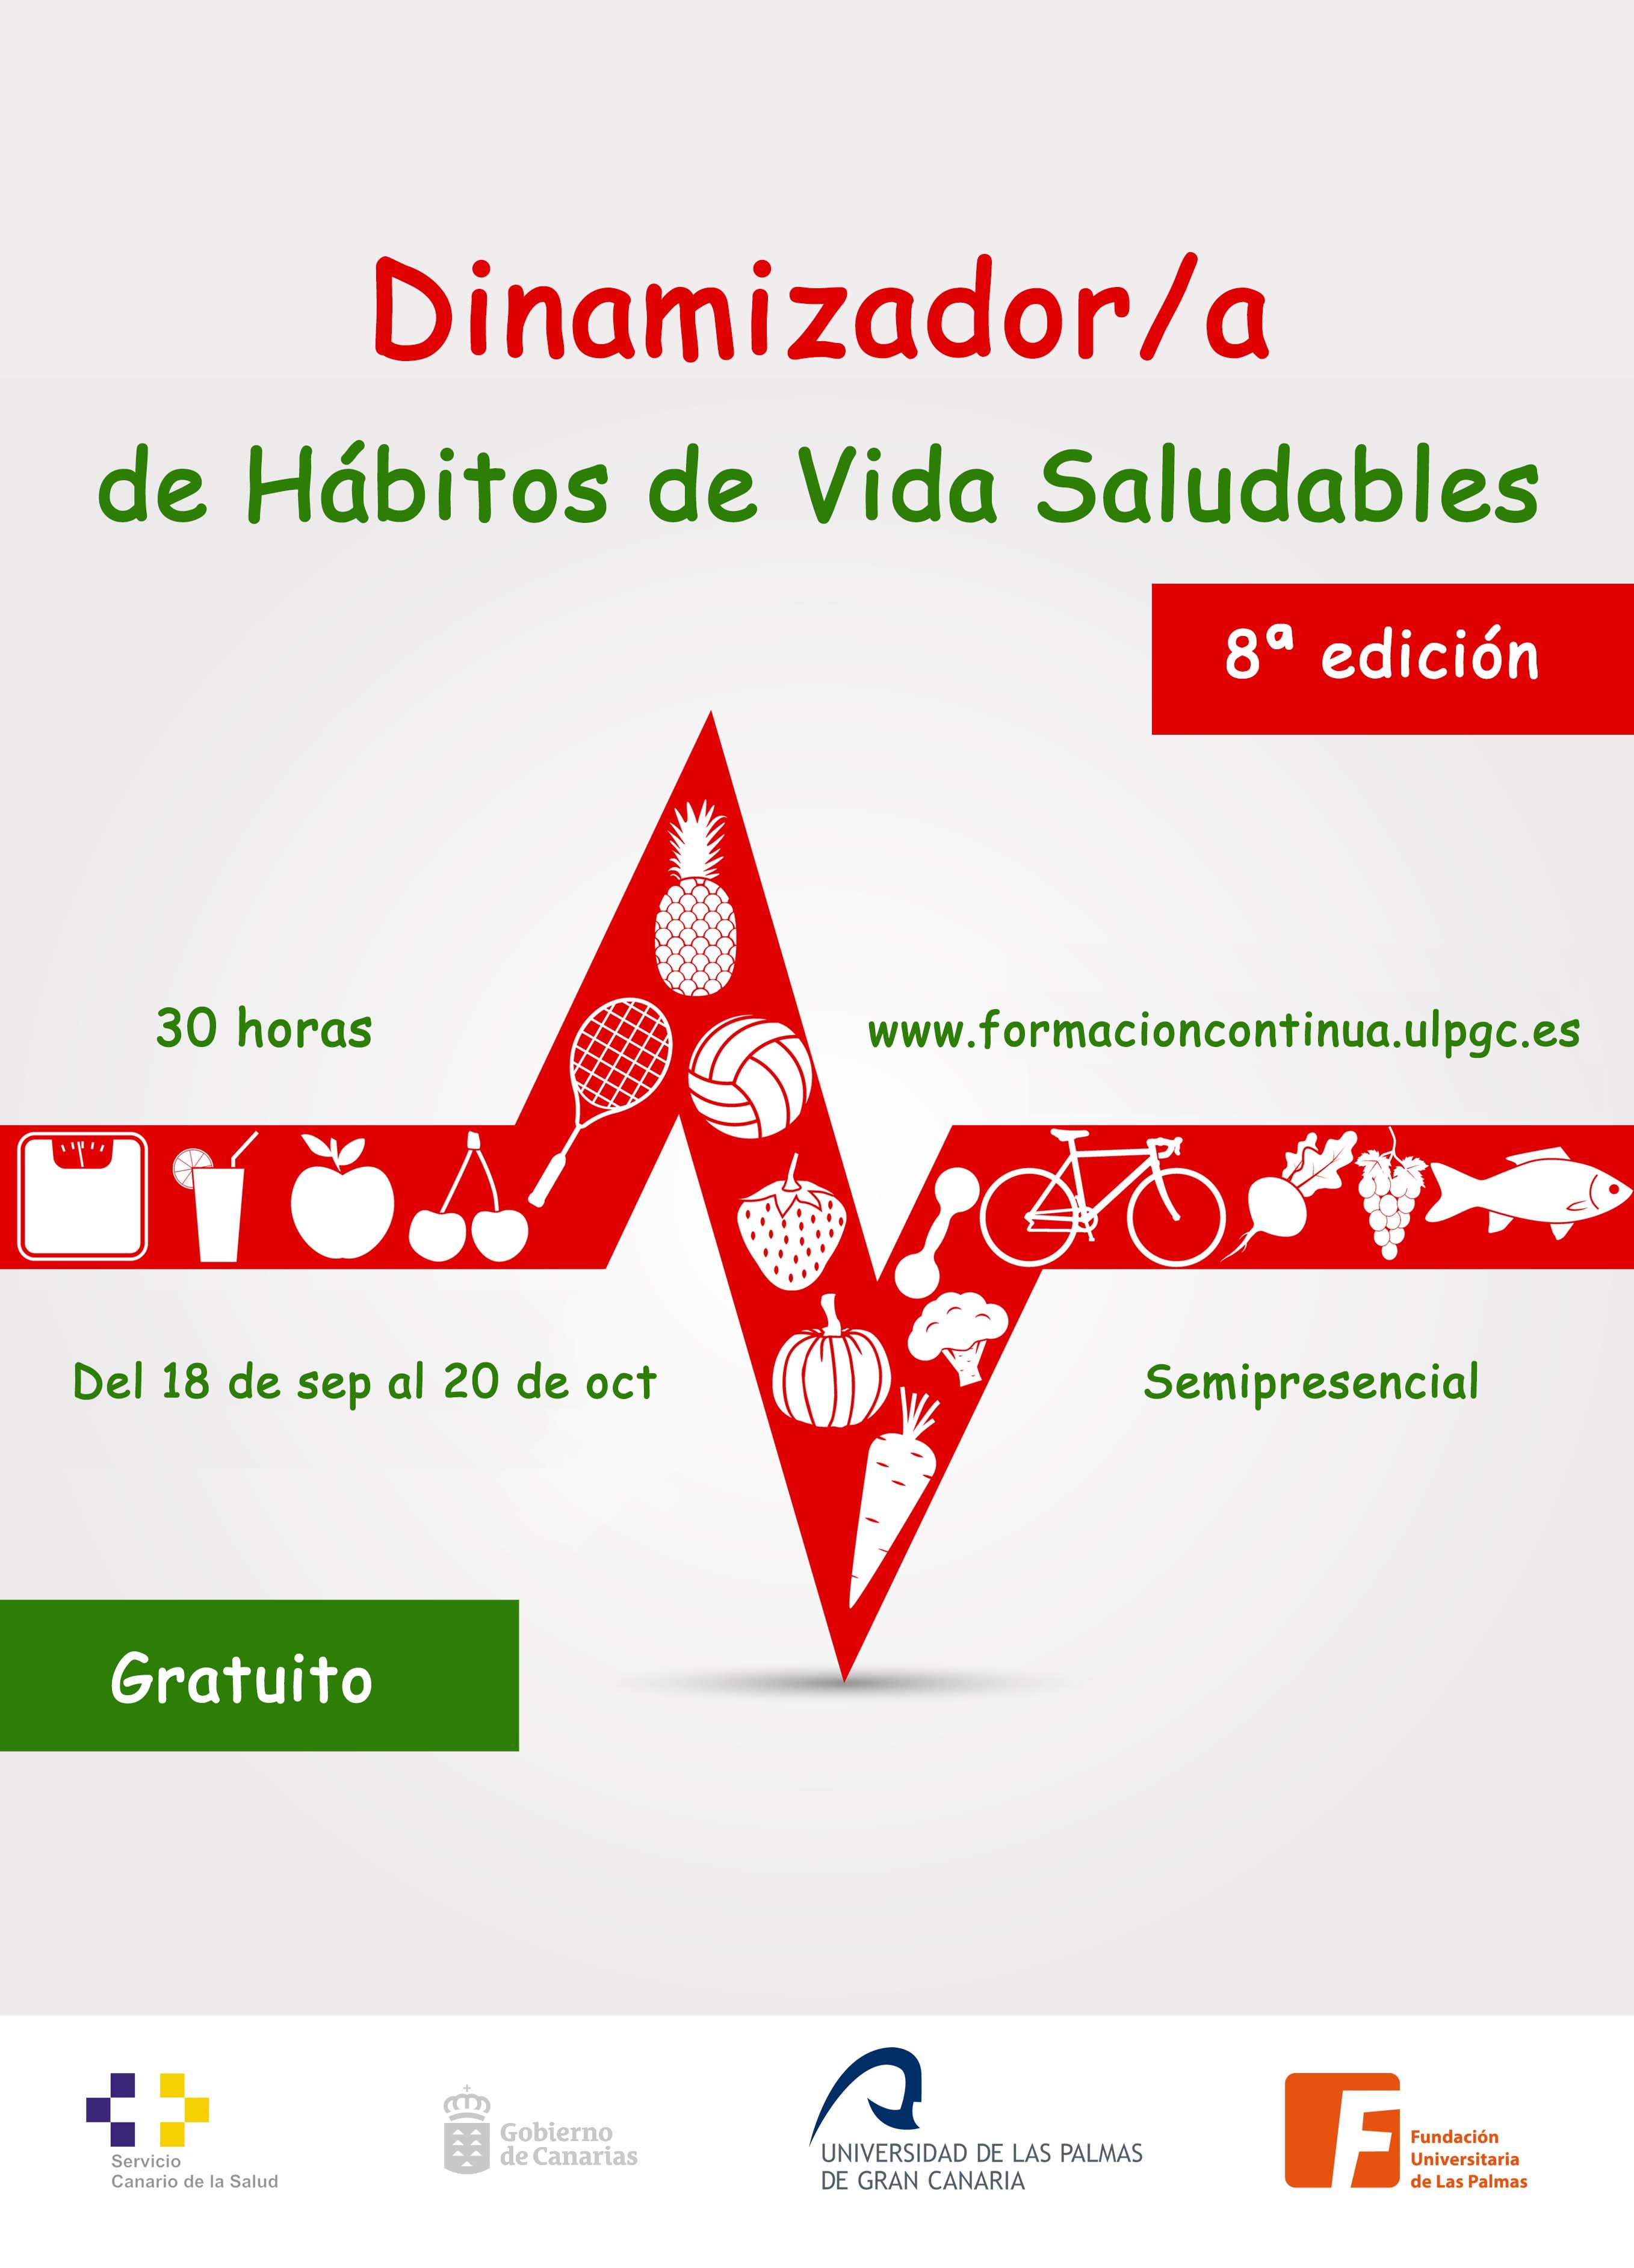 Dinamizador/a de Hábitos de Vida Saludables (8ª edición)